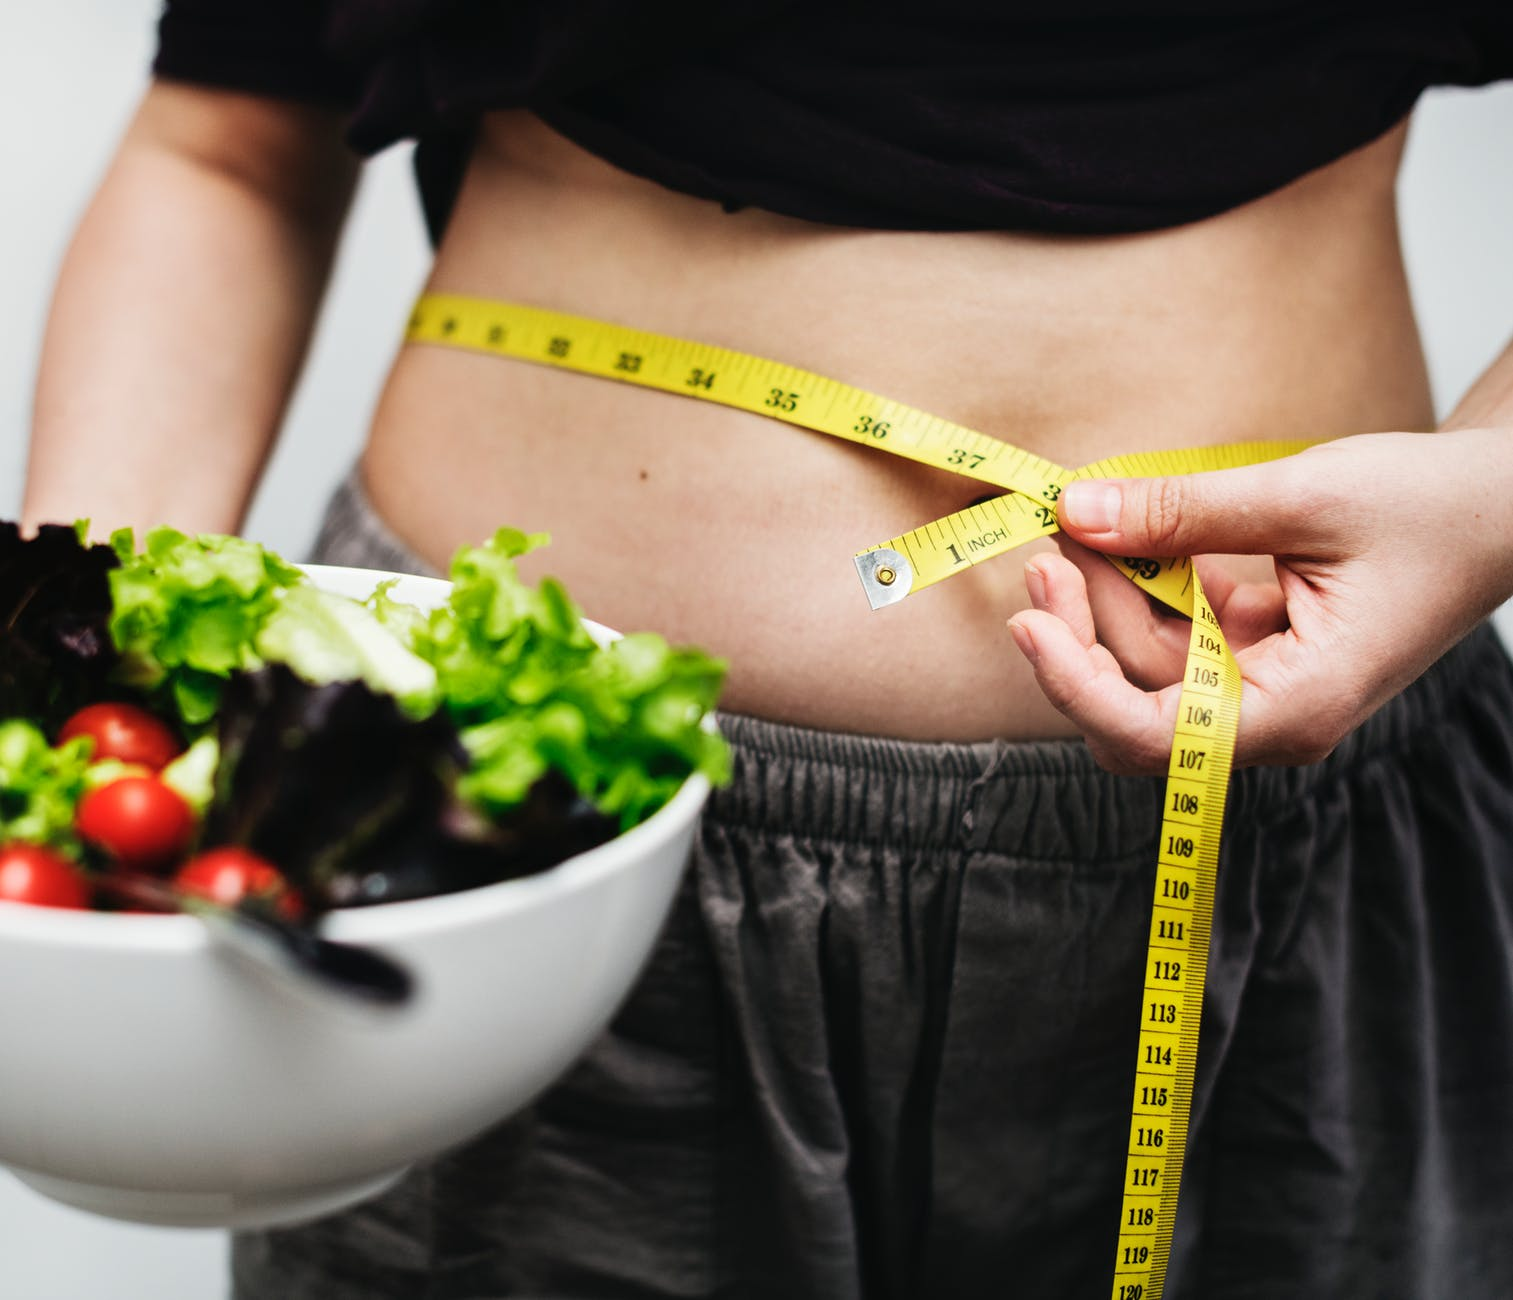 Få hjælp til at ændre din livsstil og leve sundere